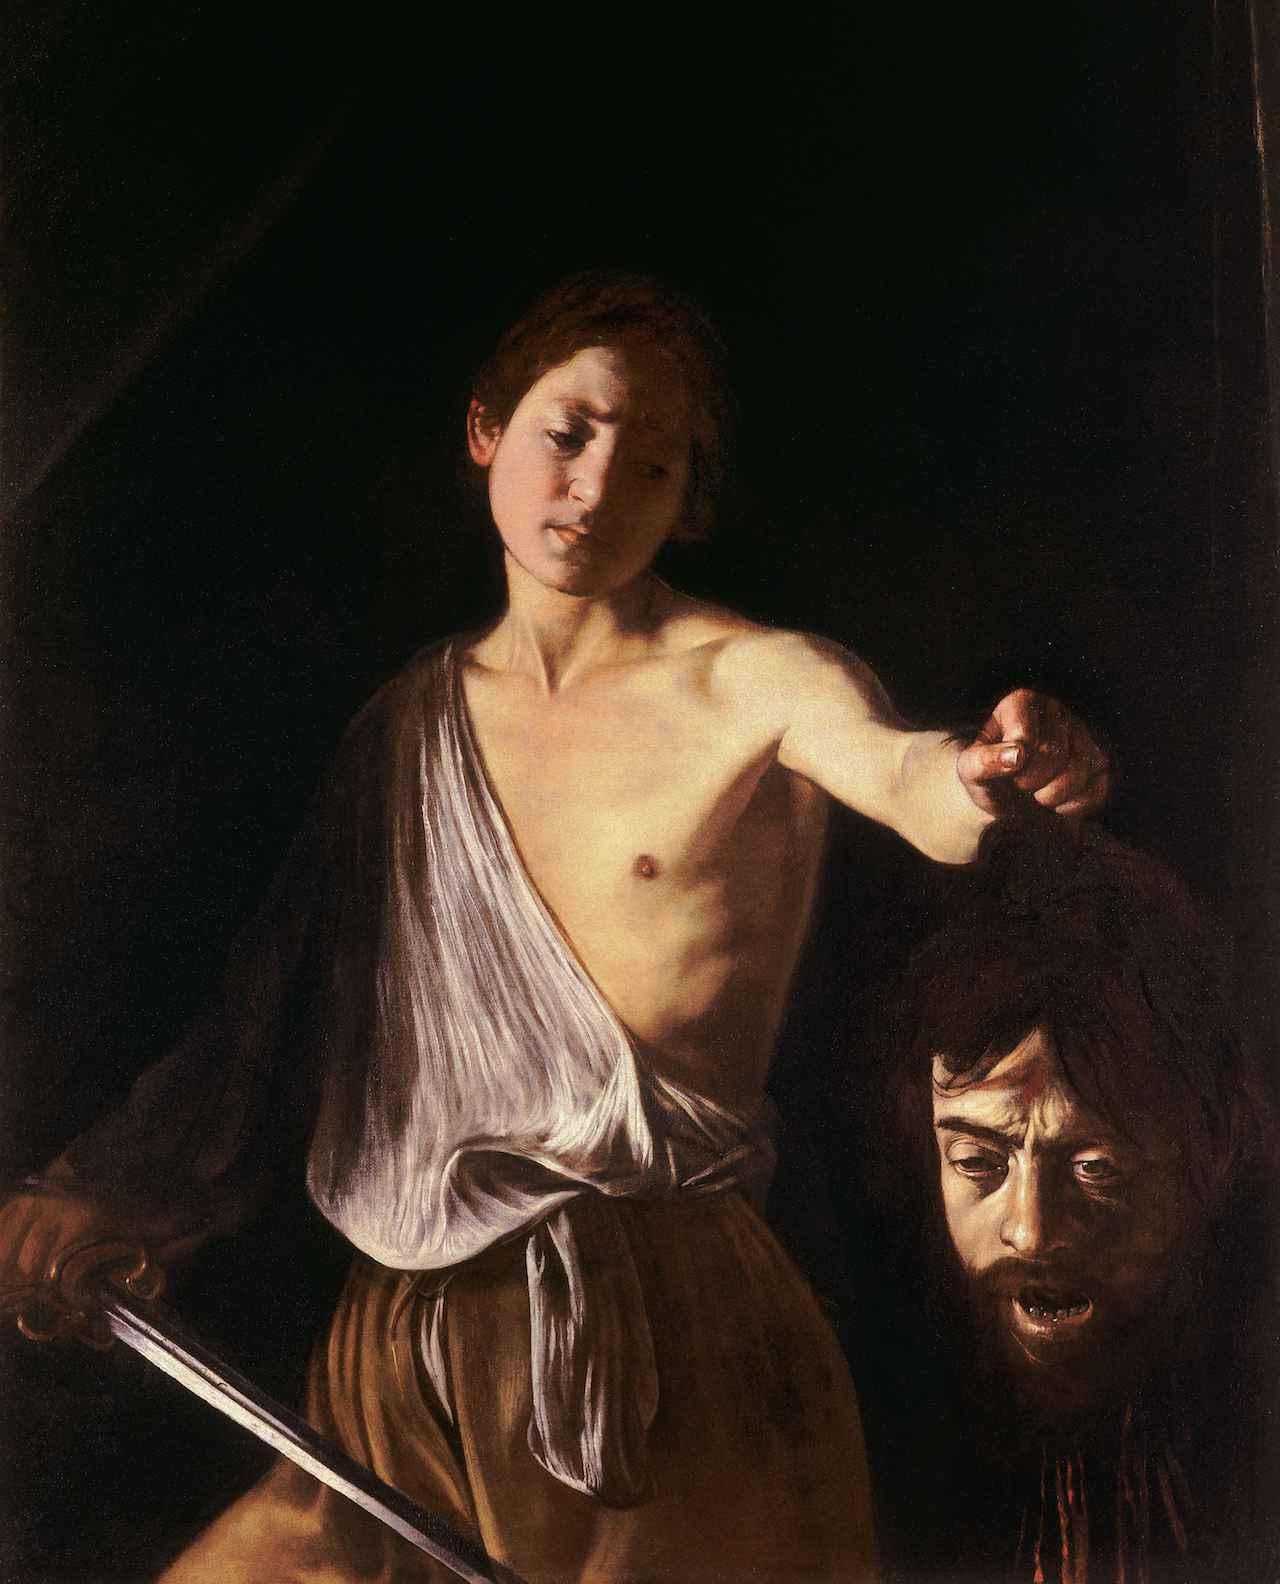 画像: ミケランジェロ・メリージ・ダ・カラヴァッジョ「ゴリアテの首を持つダヴィデ」